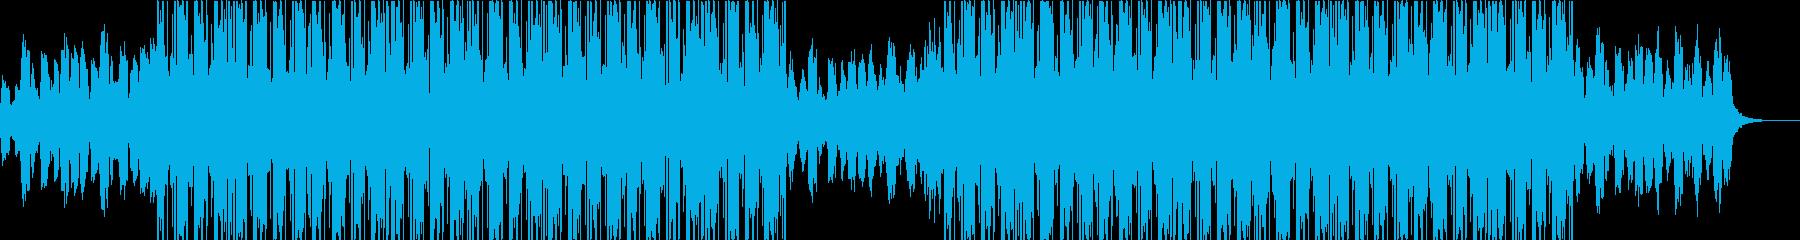 雨 悲しい ヒップホップ ビートの再生済みの波形